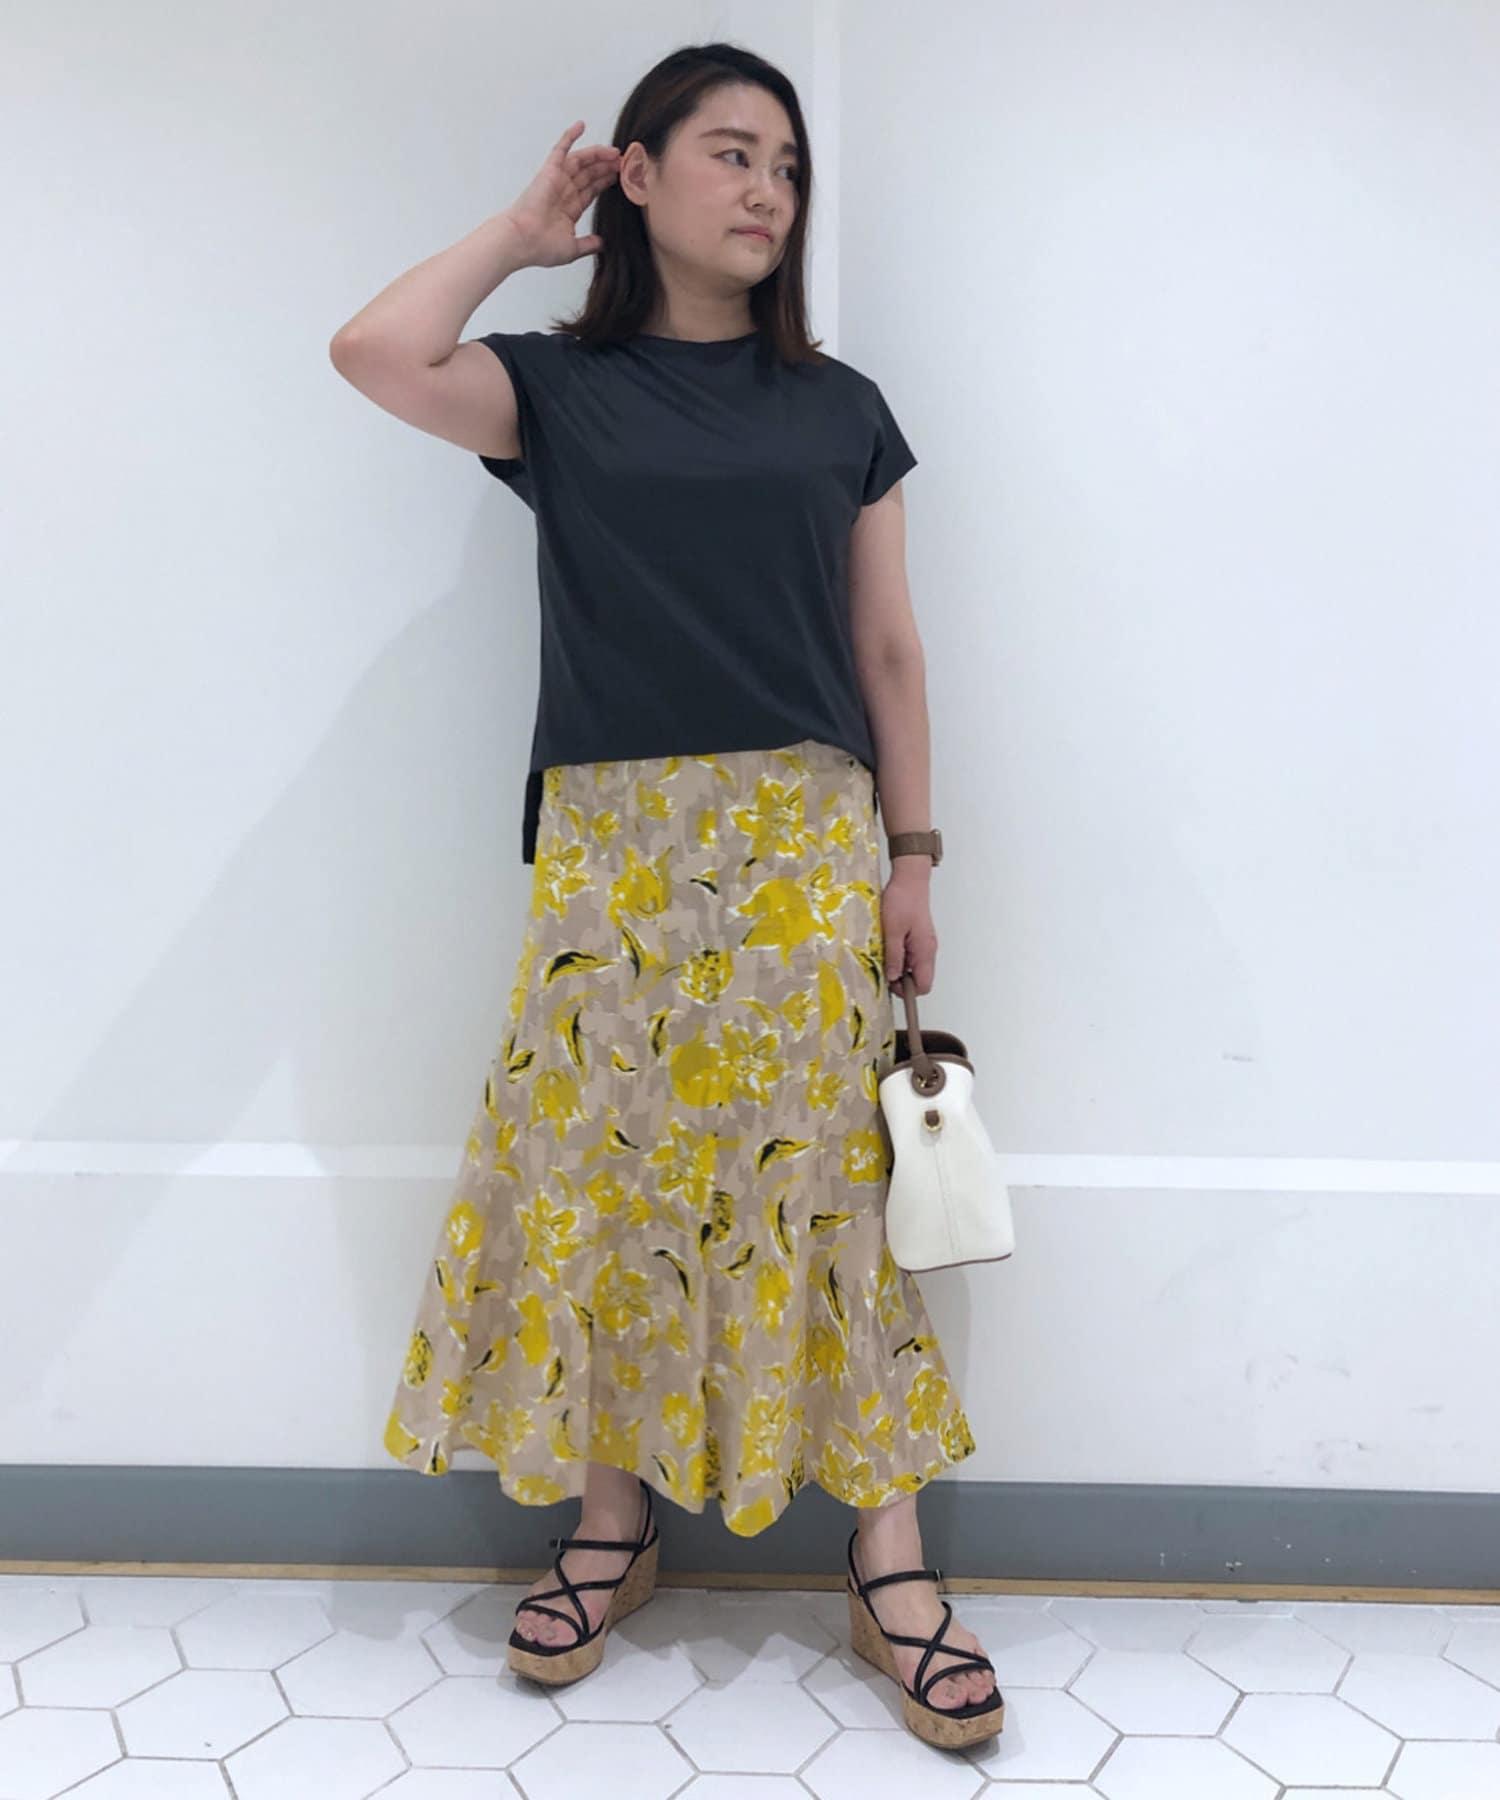 La boutique BonBon(ラブティックボンボン) 【洗える】コットンフラワーカットジャガードマーメイドスカート